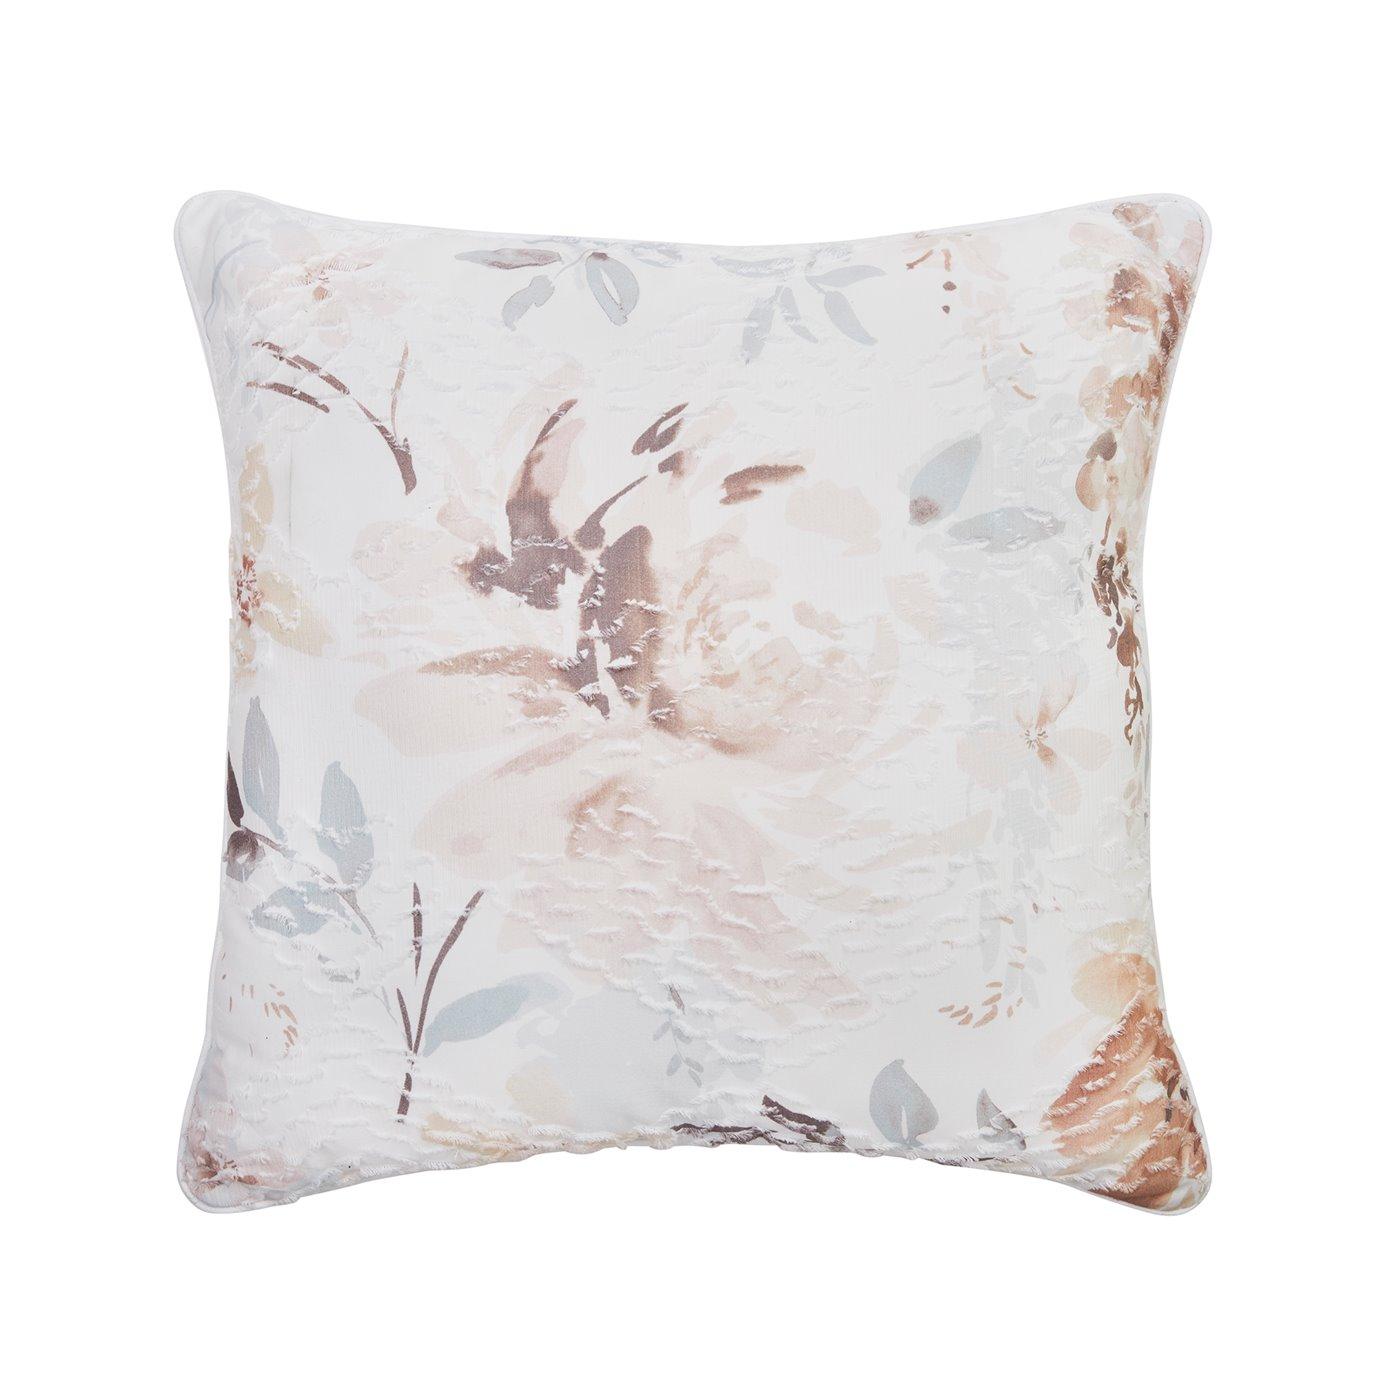 Croscill Liana Square Pillow 18x18